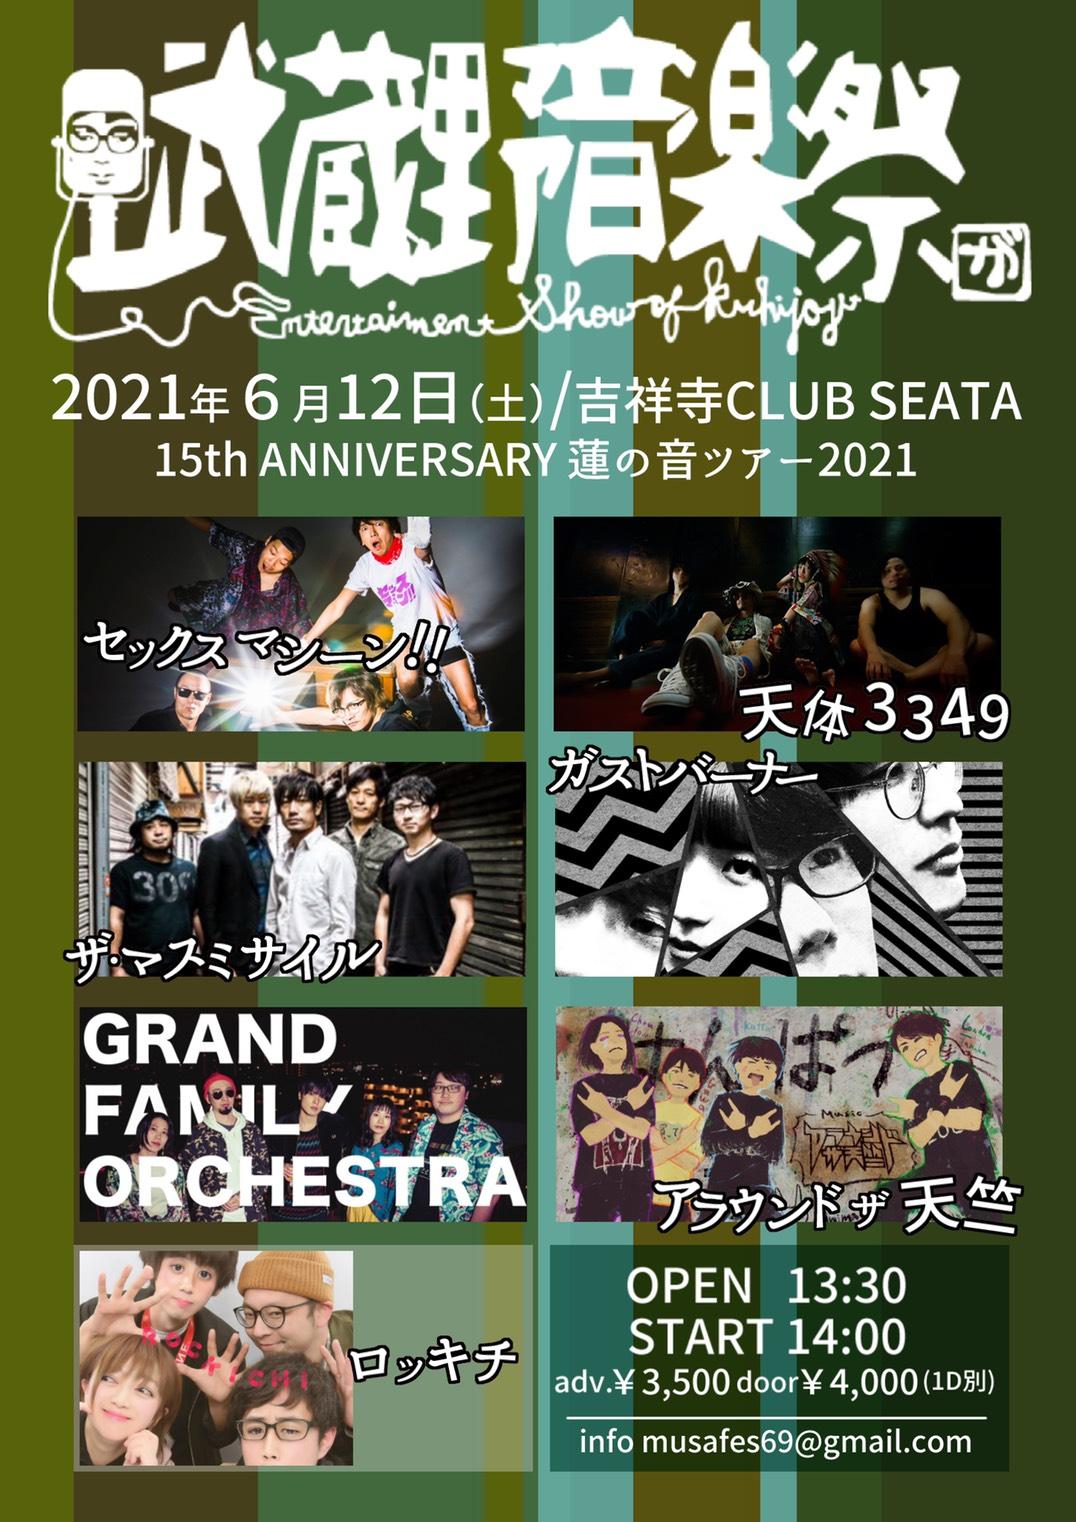 武蔵野音楽祭15th ANNIVERSARY 蓮の音ツアー2021